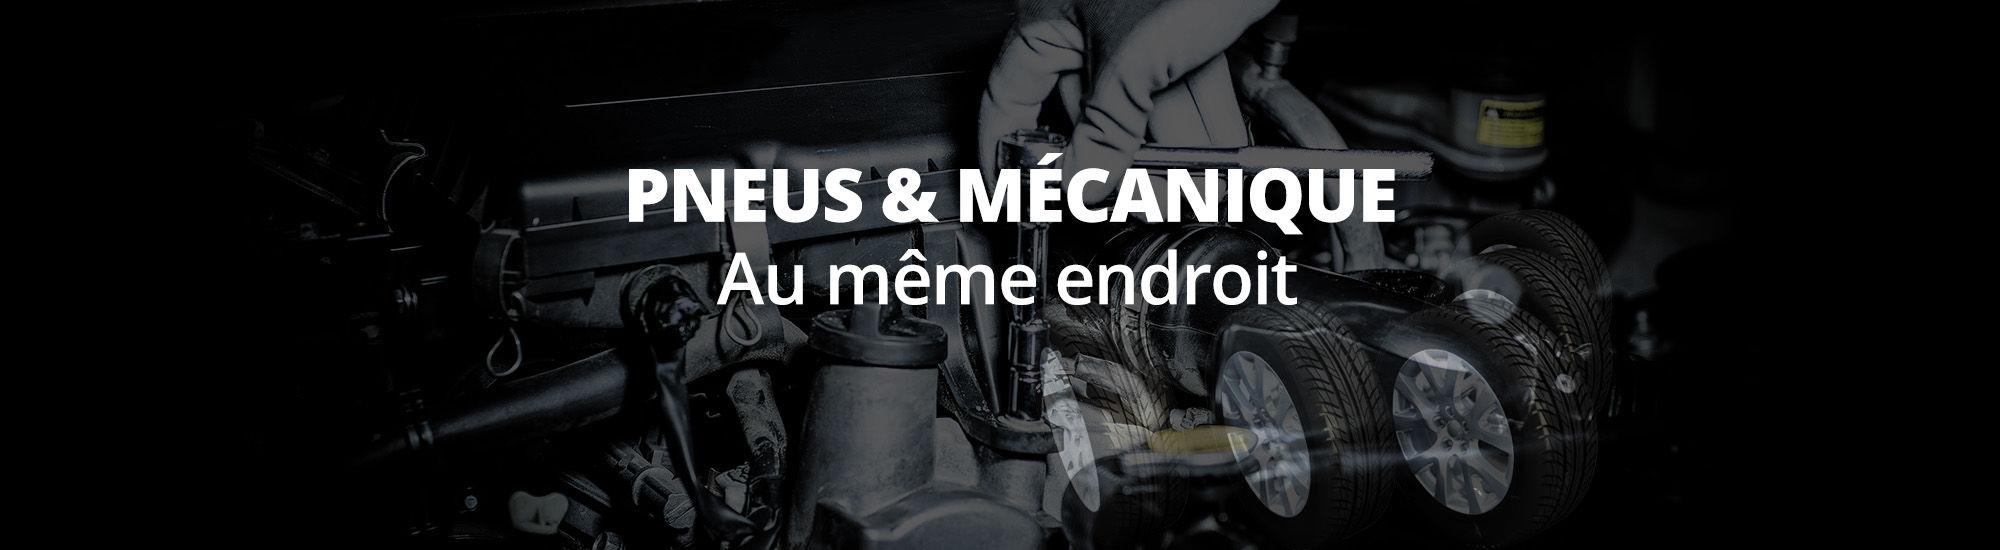 Pneus et mécanique au même endroit